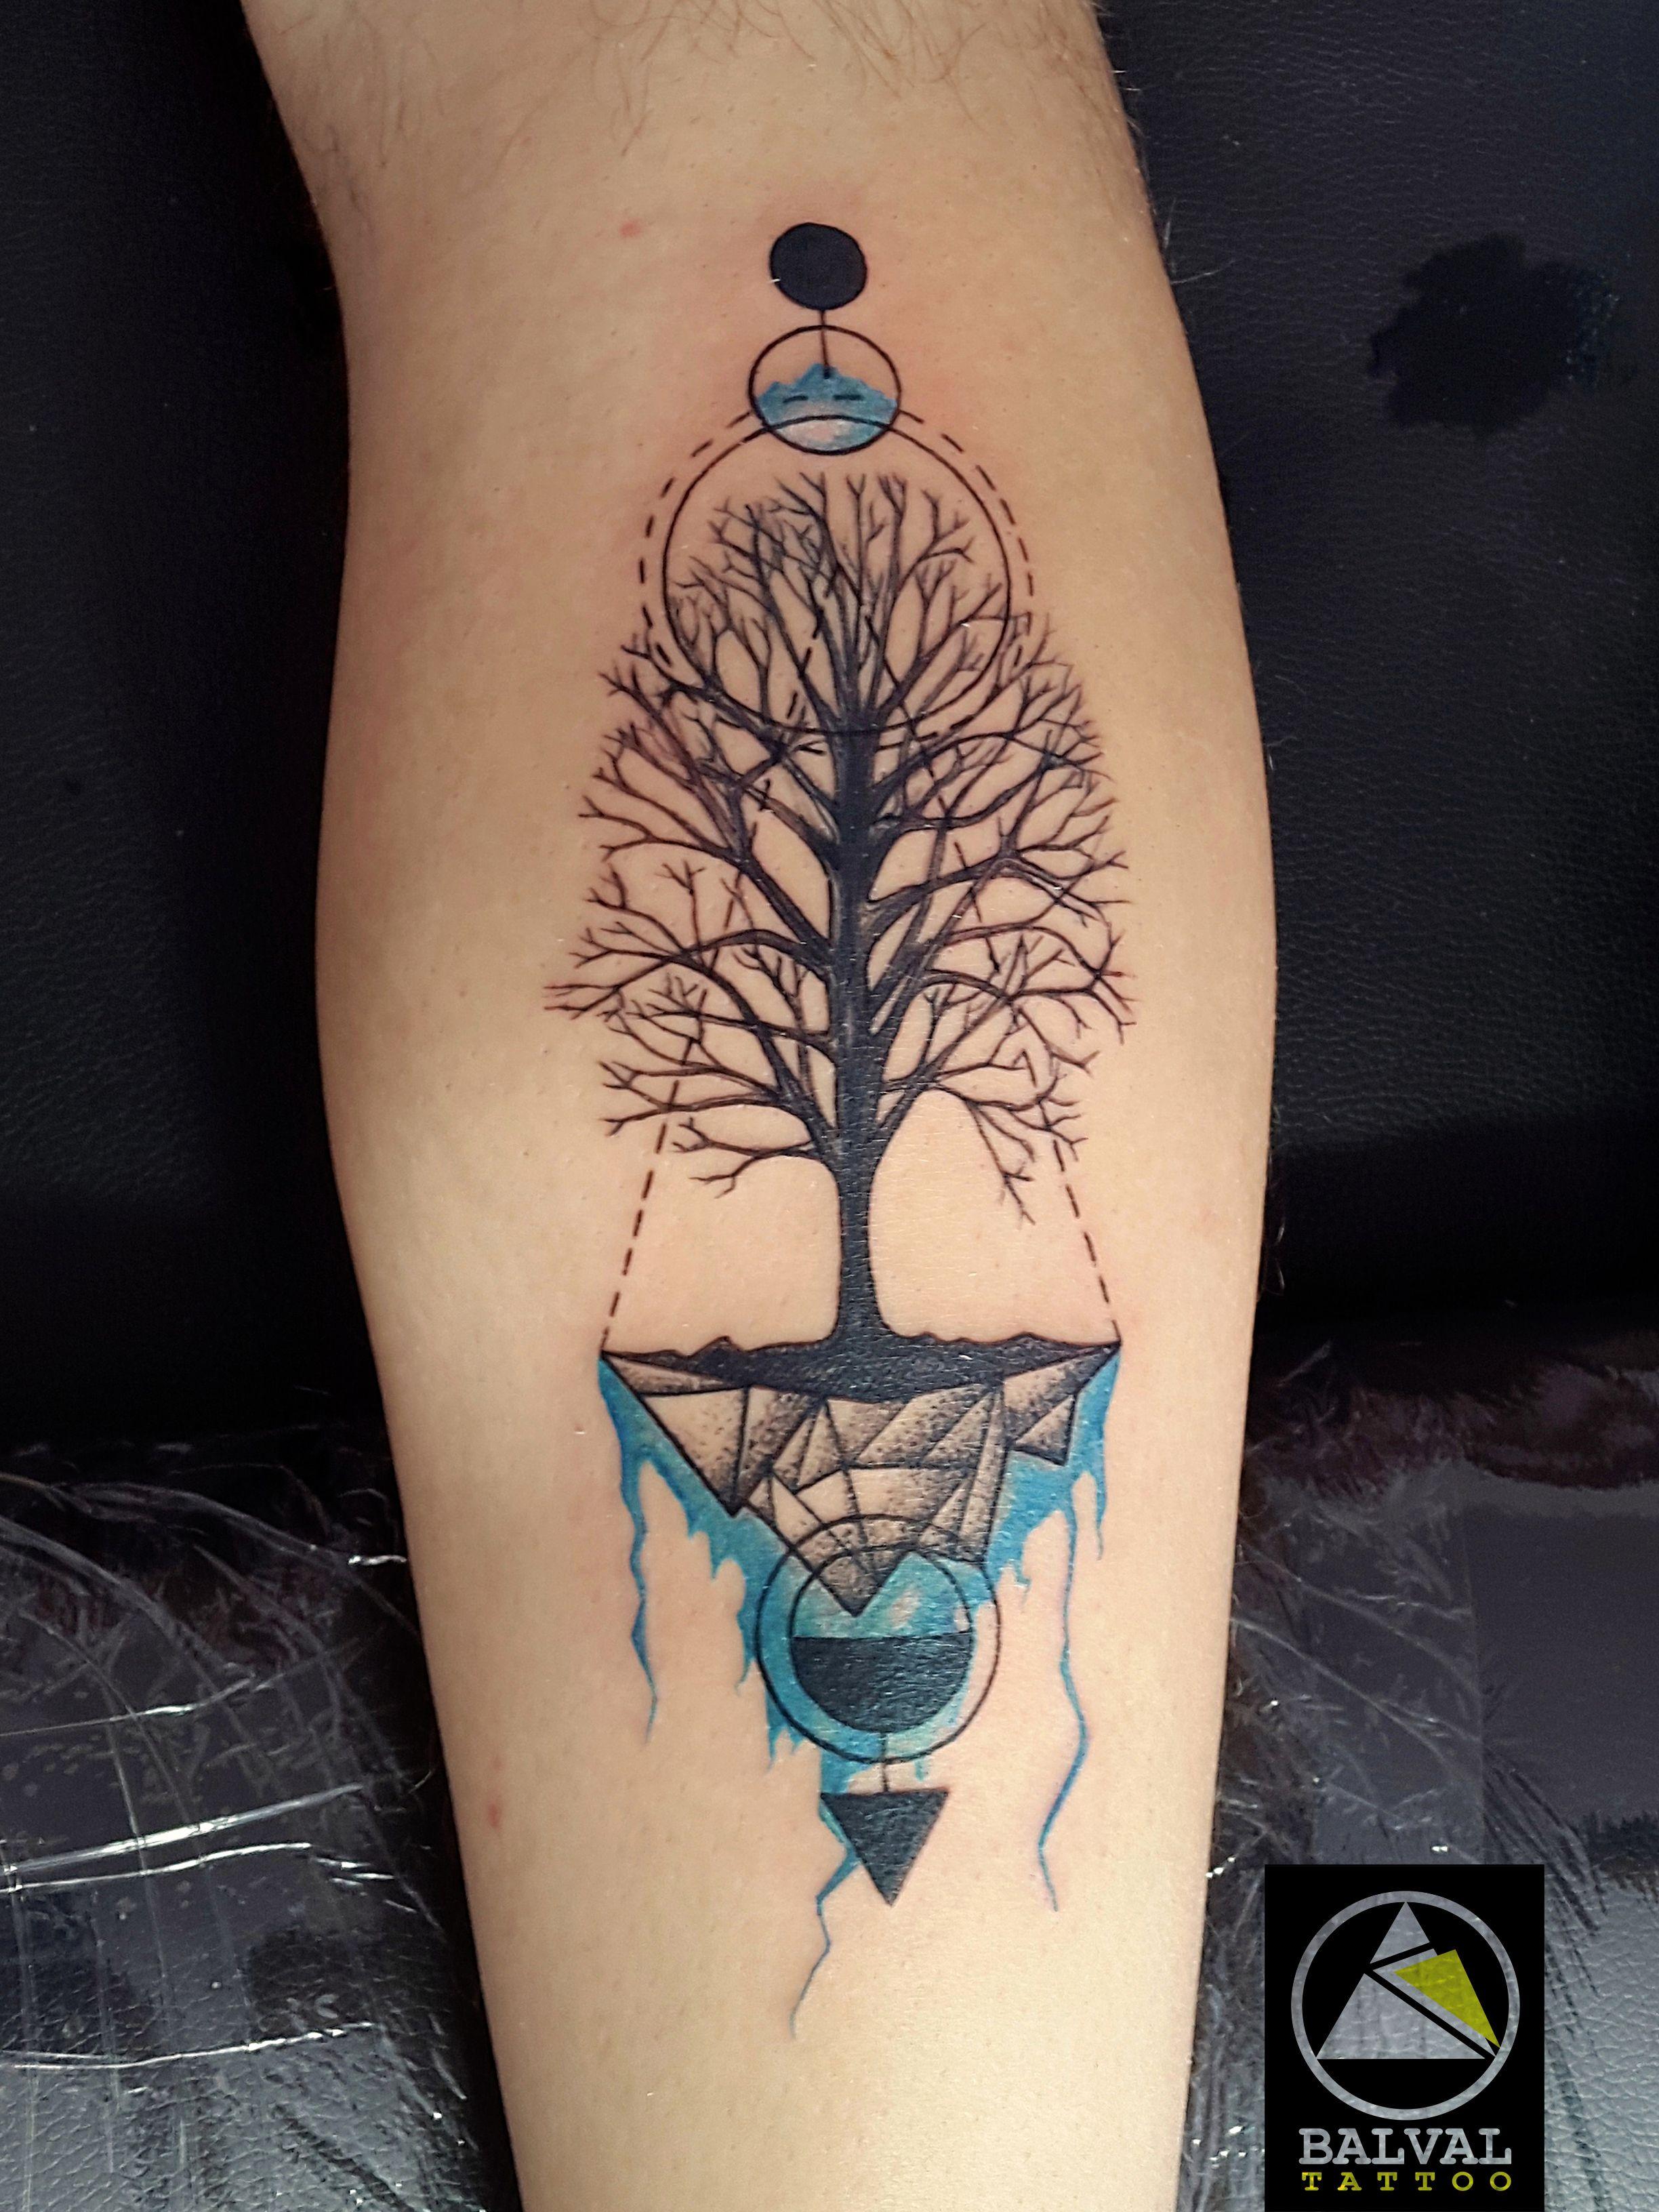 Tatuaje árbol De Vida El Crecimiento La Experiencia Y La Vida